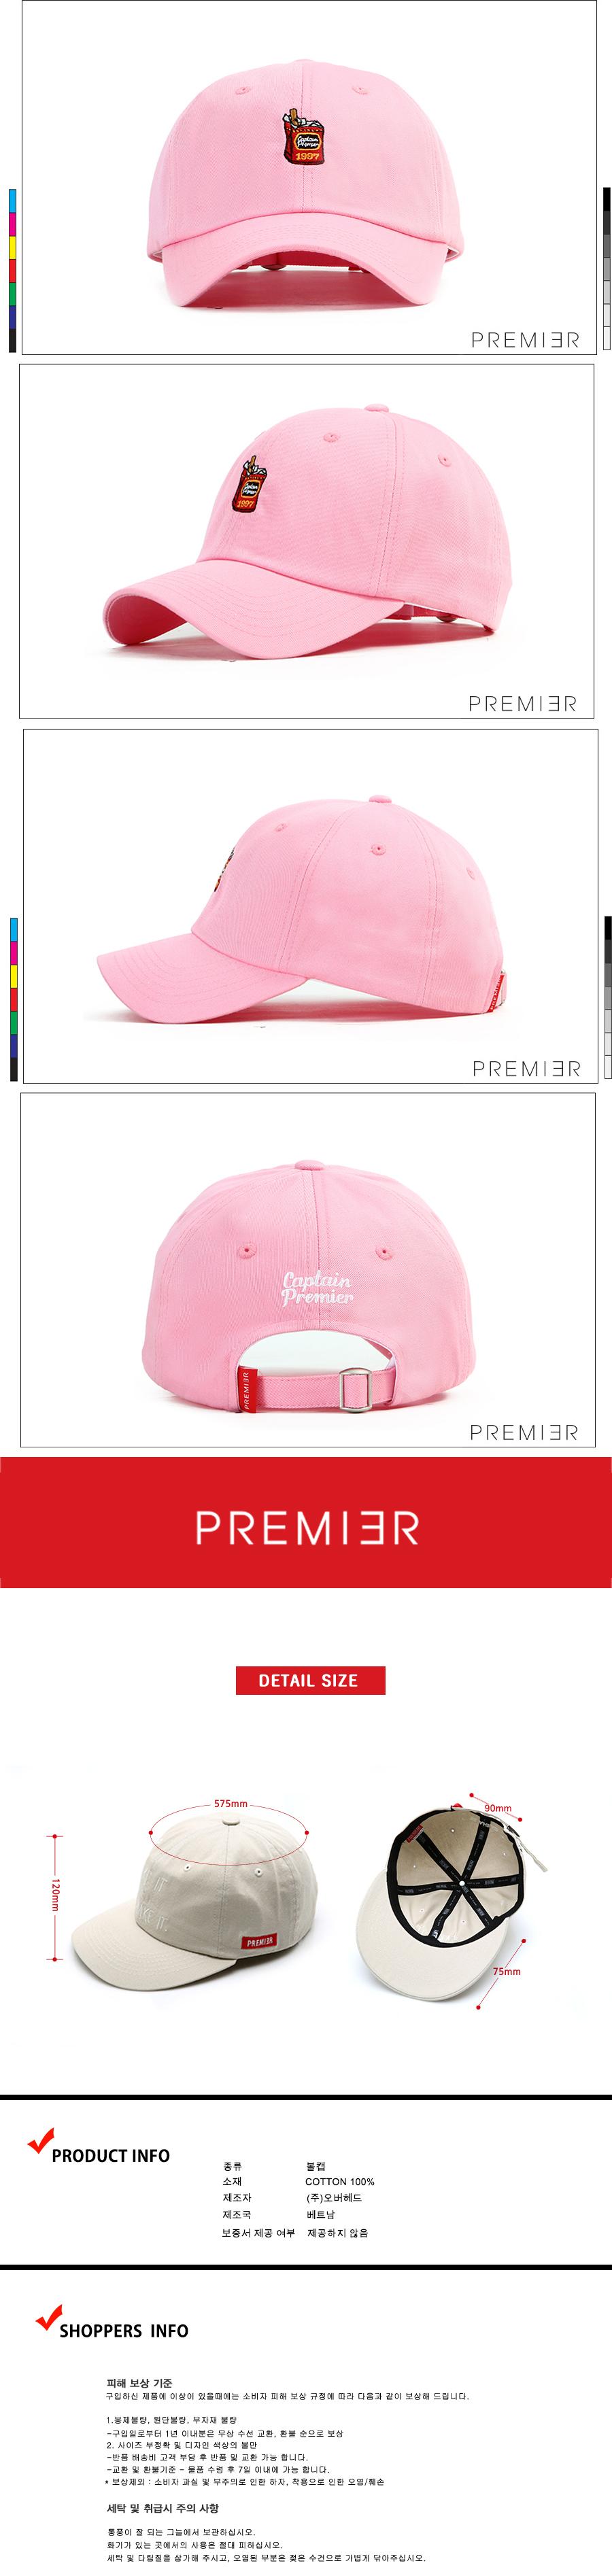 [ PREMIER ] [Premier] Ball Cap Cigarette Pink (P930)